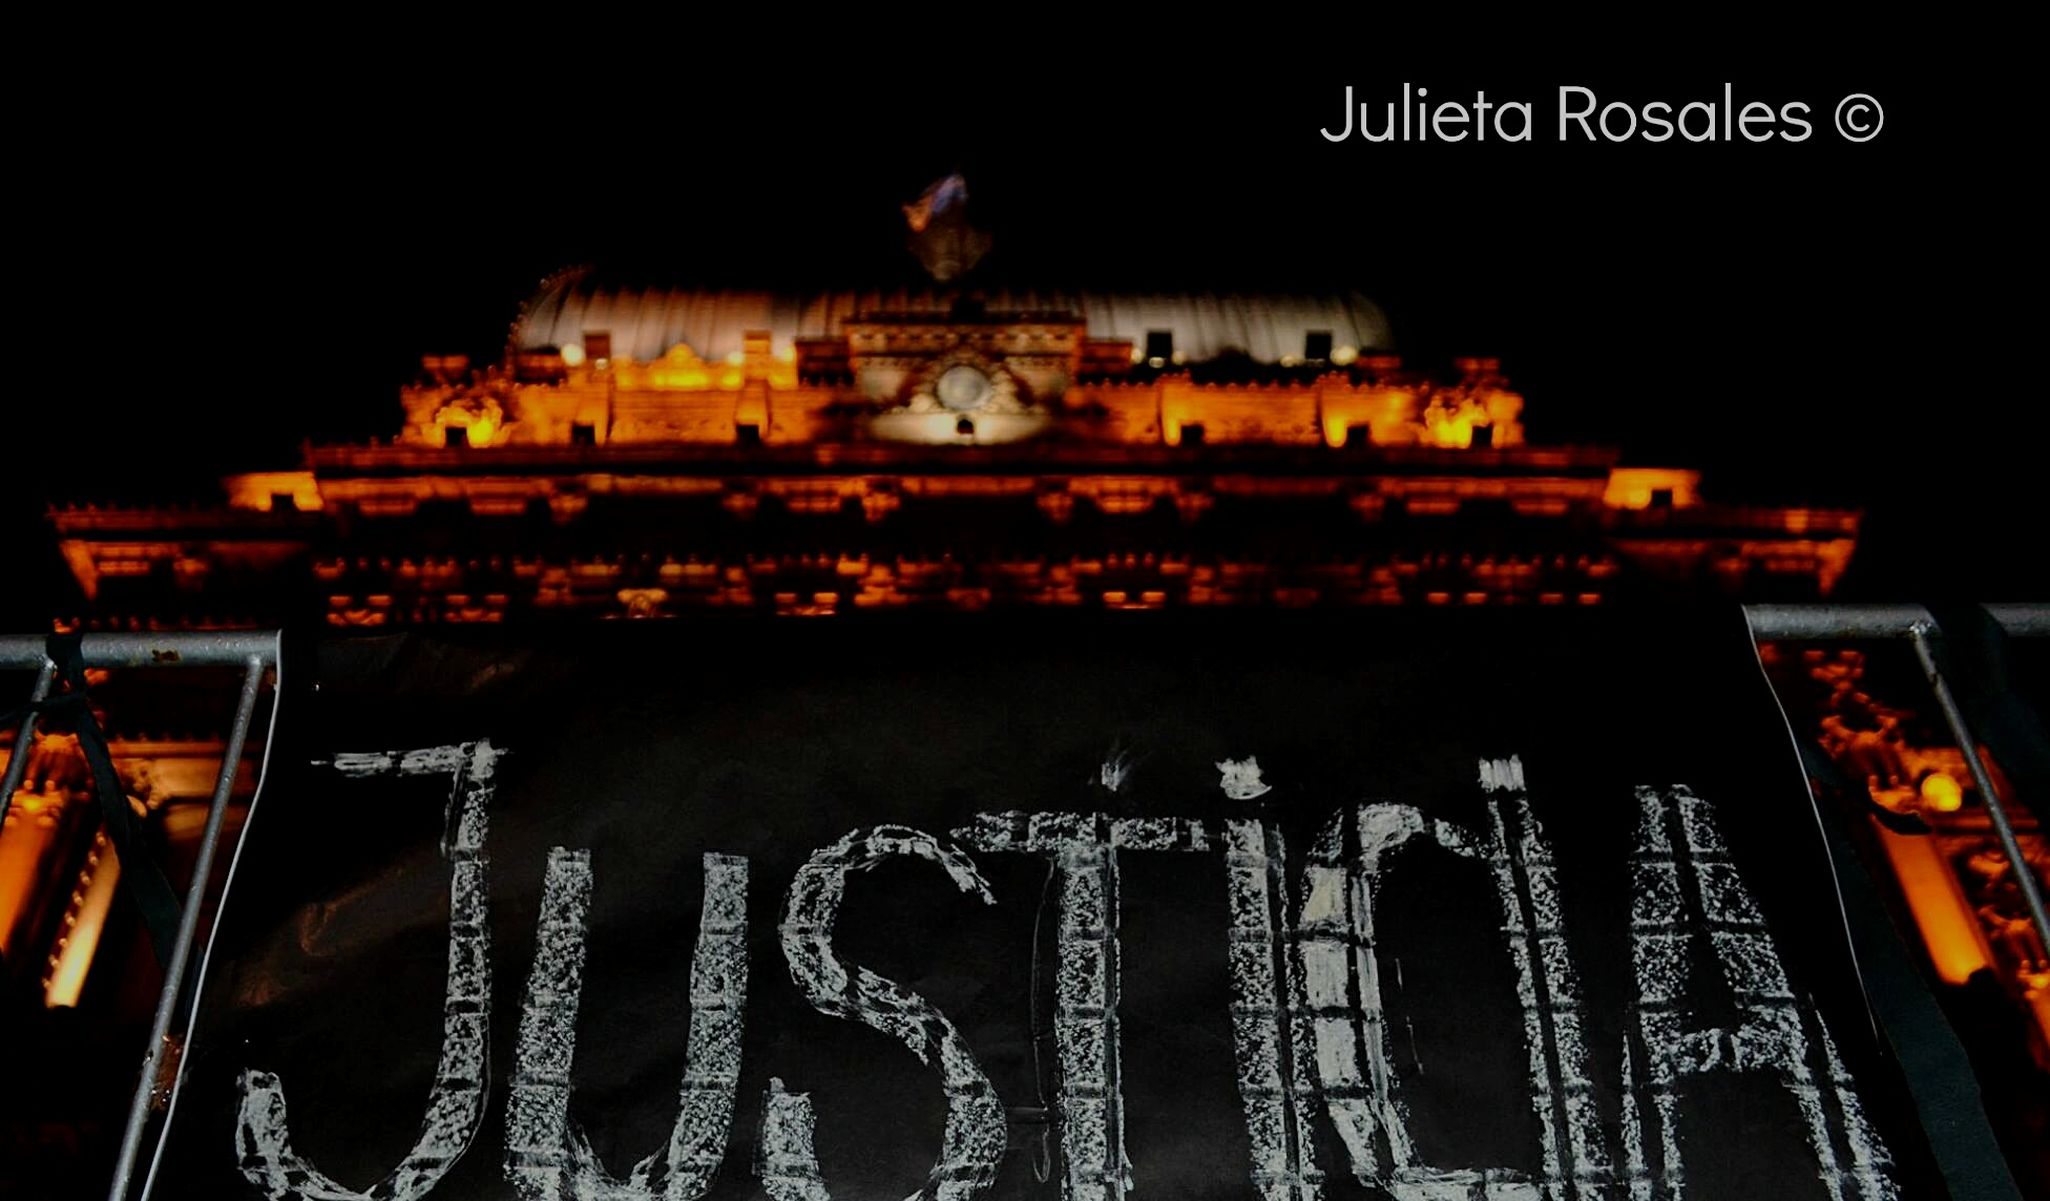 Nisman MataronANisman LoSuicidaron CFKAsesina Justicia Justice Justicefornisman